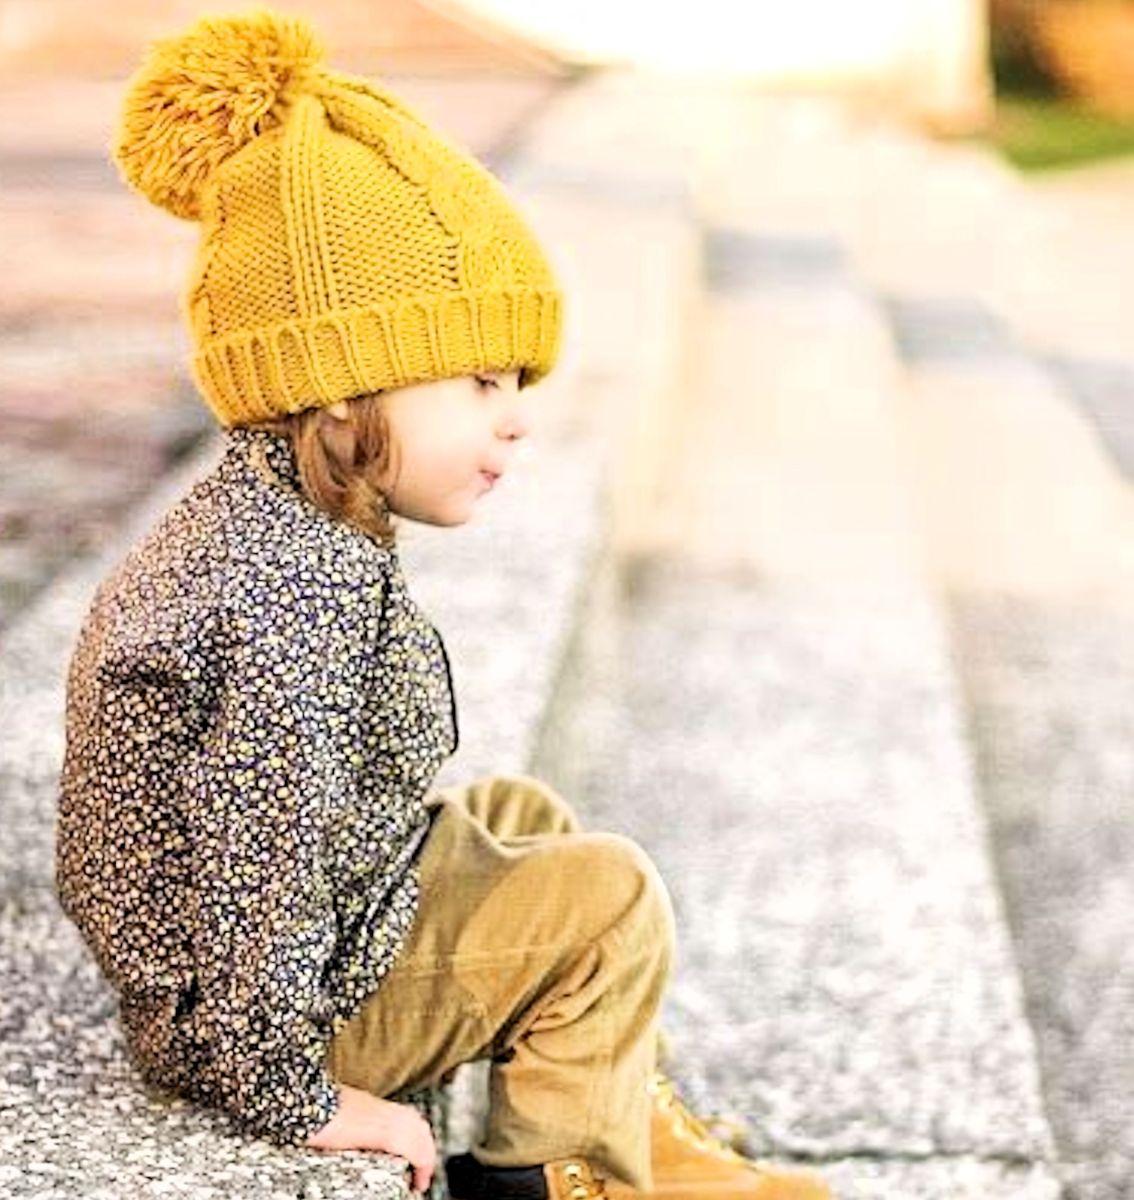 心の底から可愛いが溢れ出る!赤ちゃん~子供用ニット帽29選